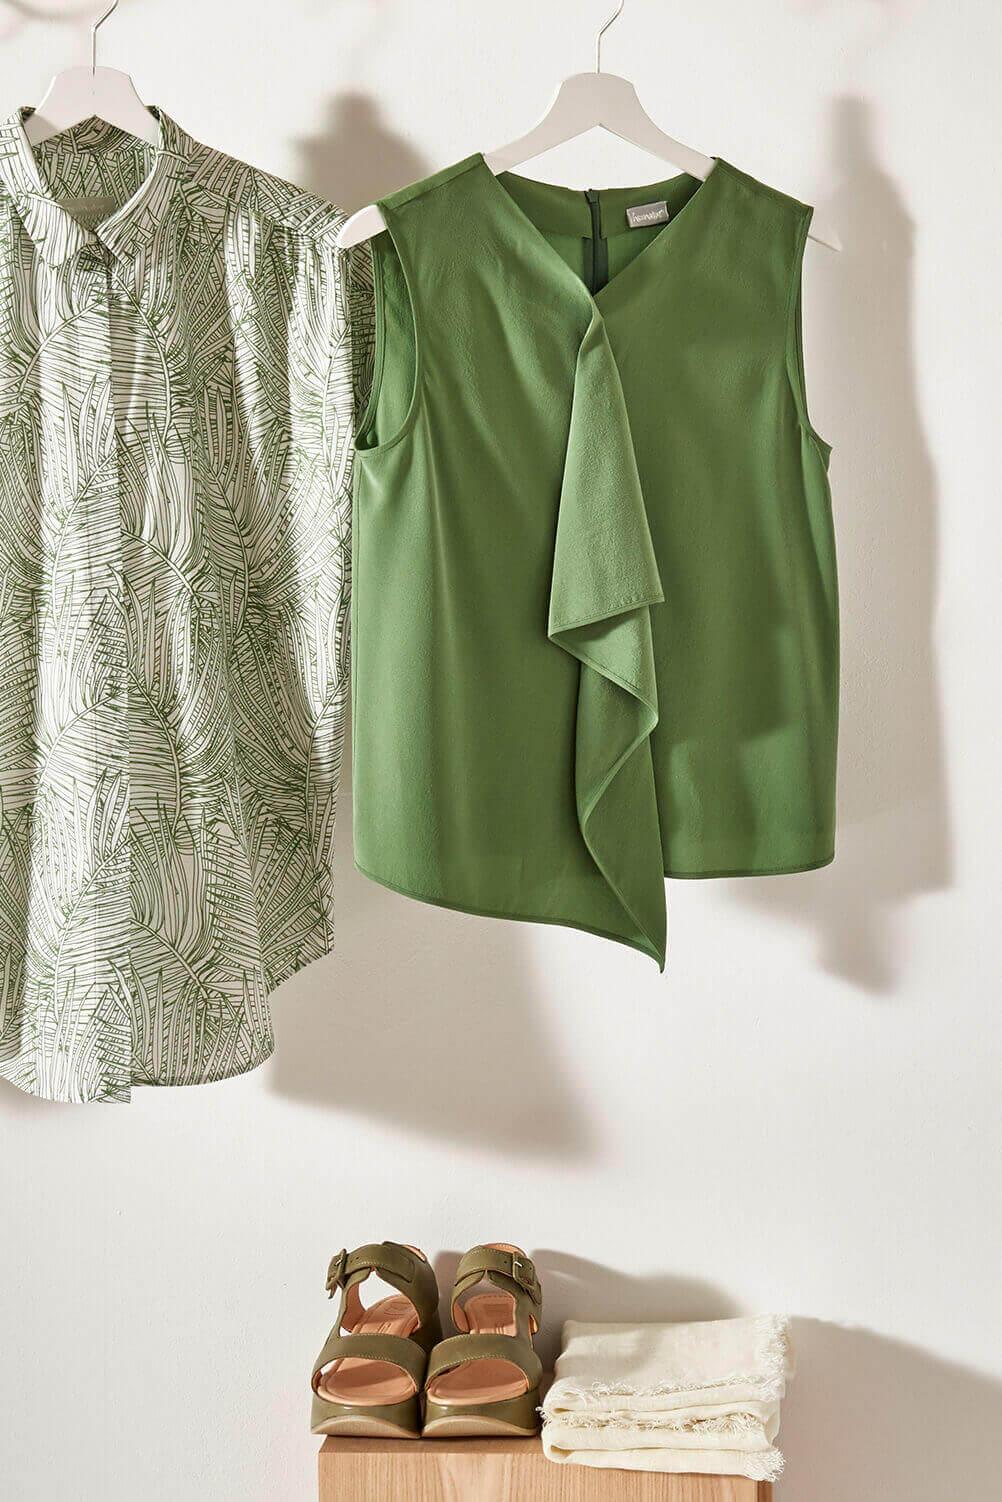 hessnatur-bio-textilpflege-seide-bluse